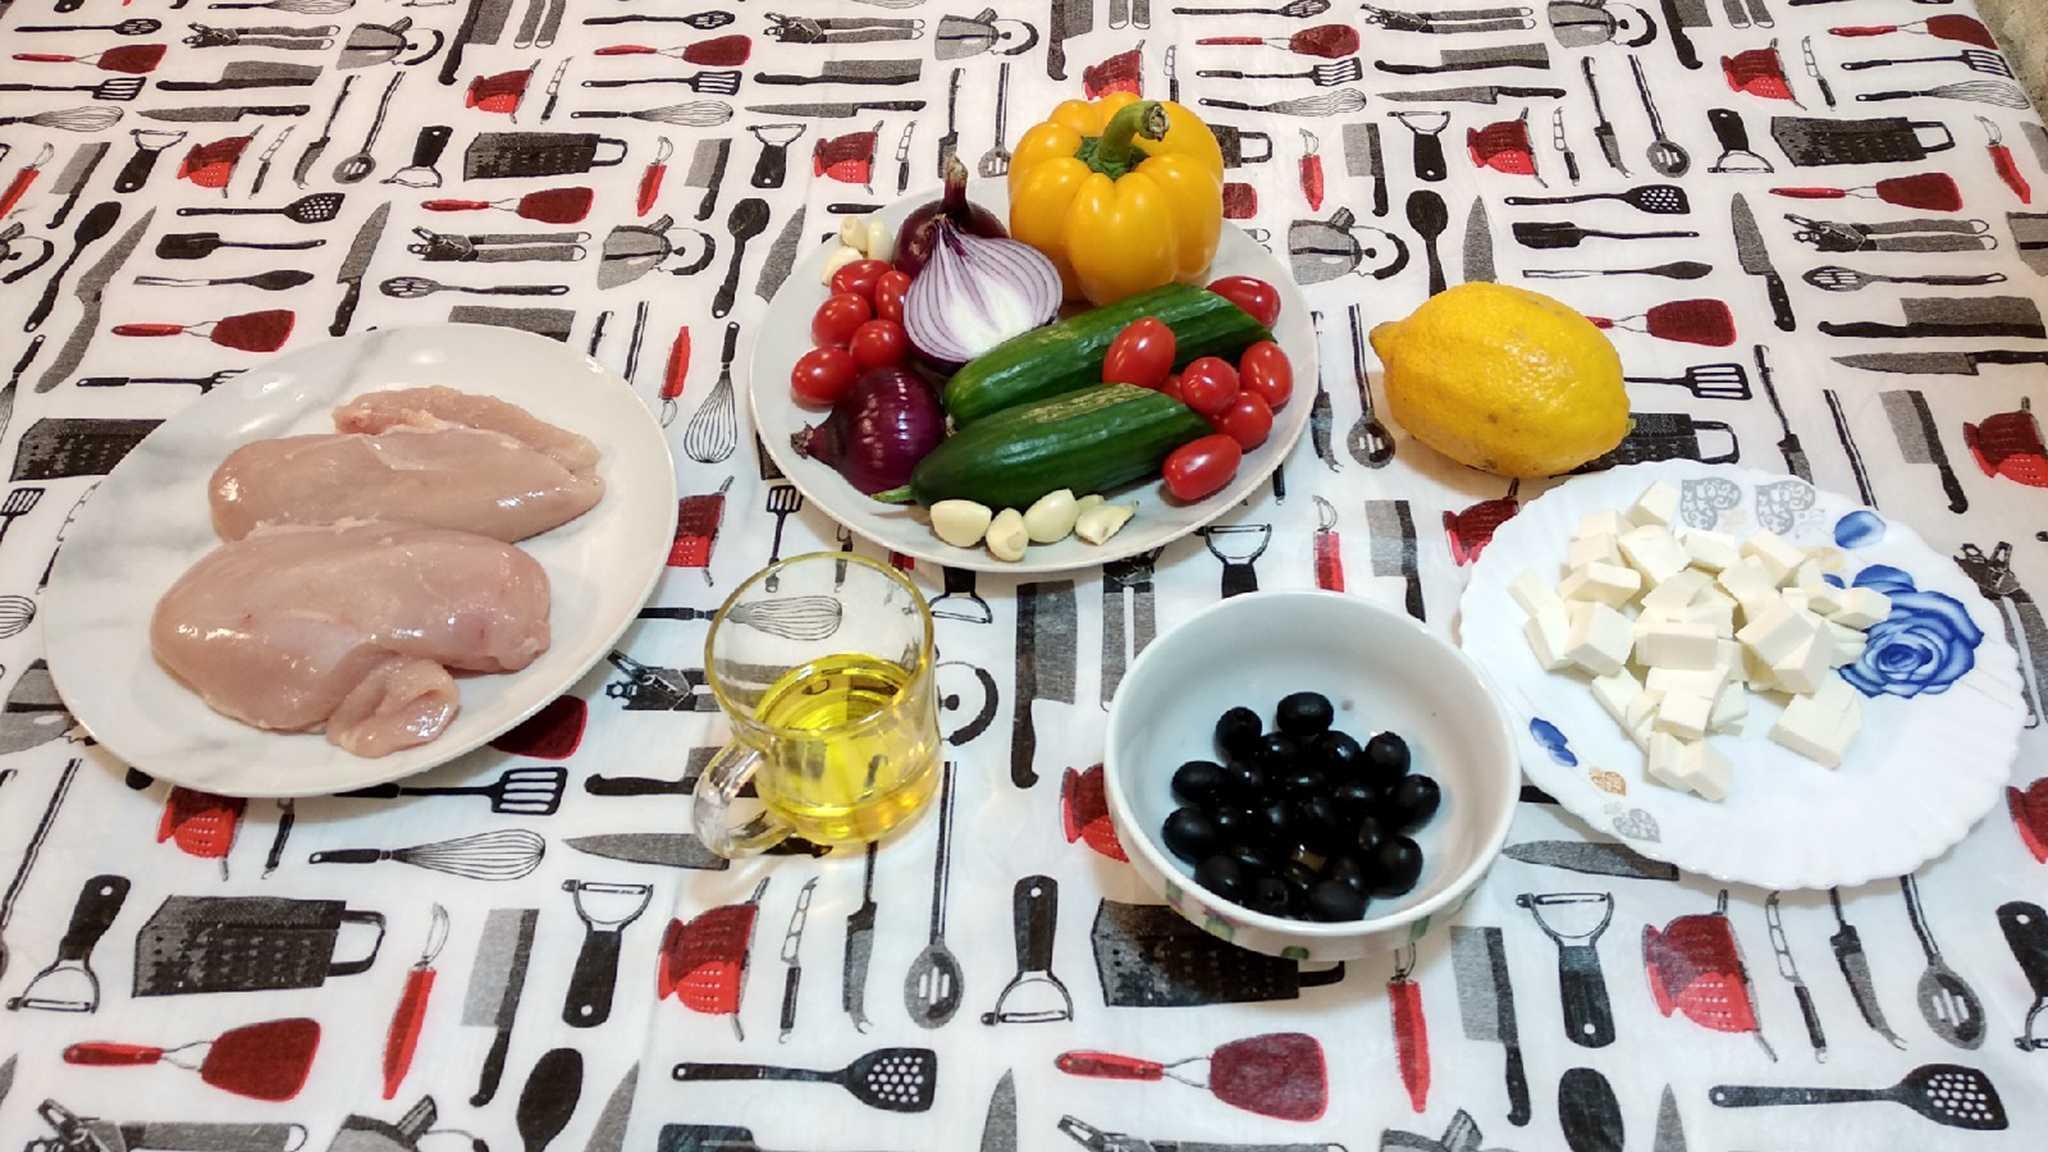 Простые и вкусные рецепты салатов с авокадо для домашнего приготовления с фотографиями и пошаговым описанием